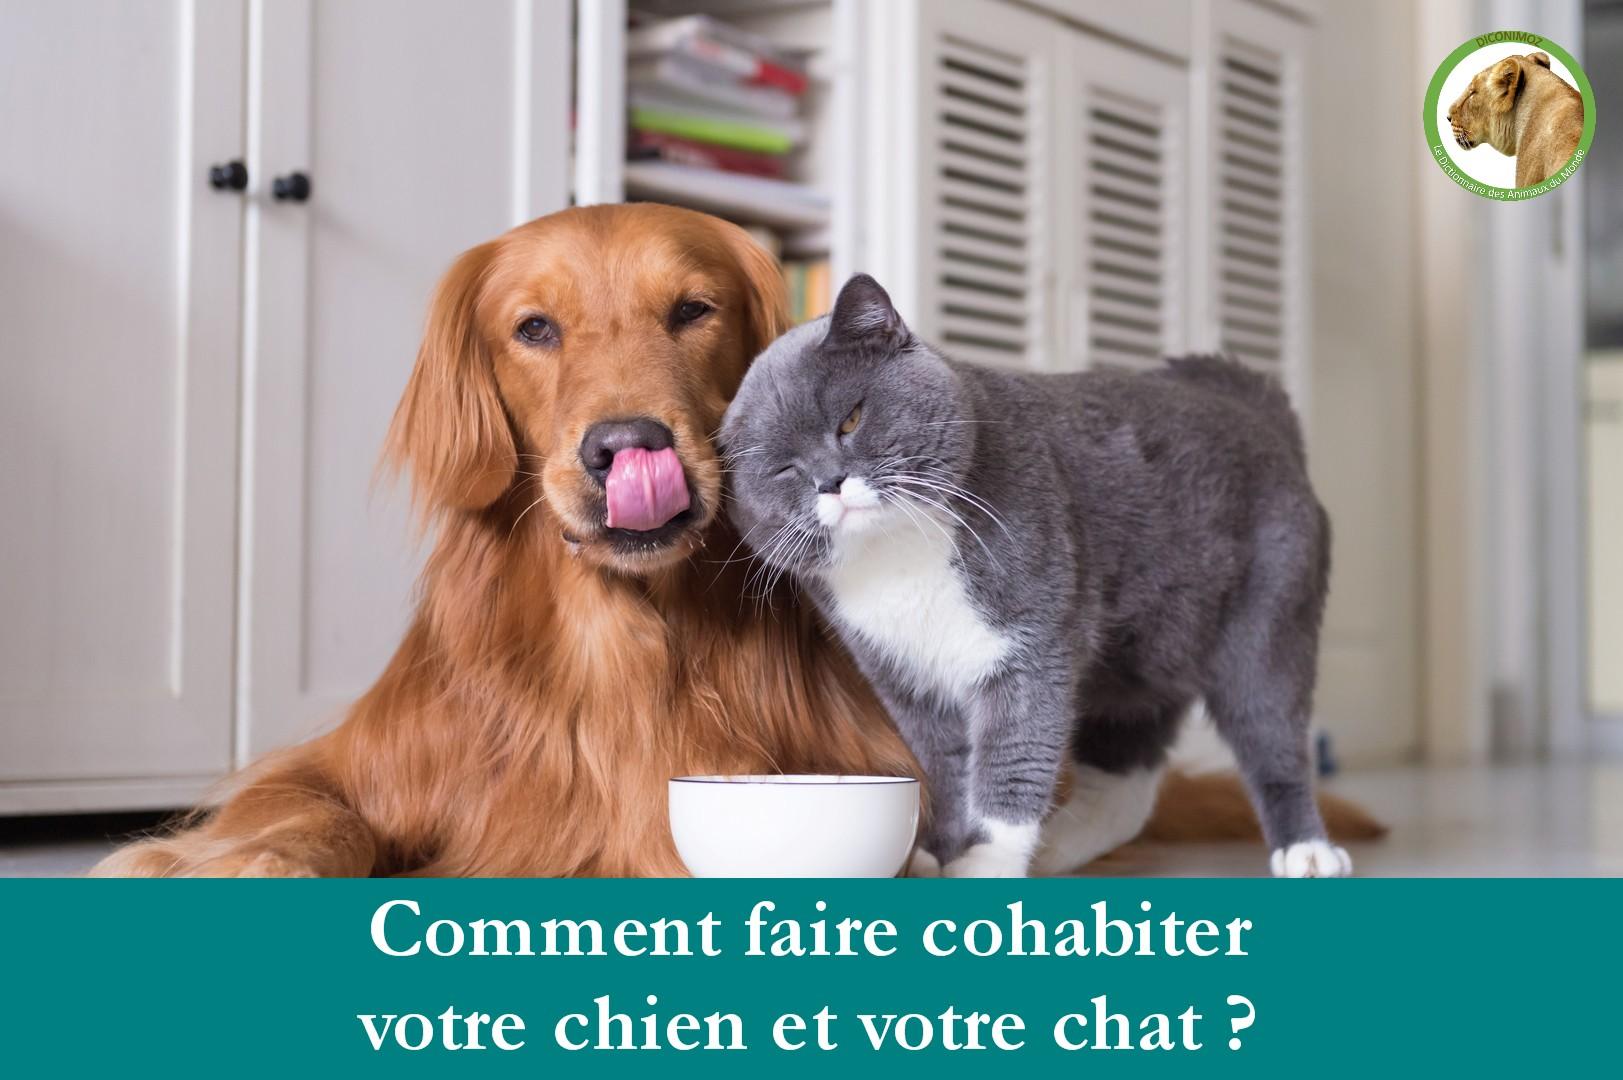 Comment faire cohabiter votre chien et votre chat ?